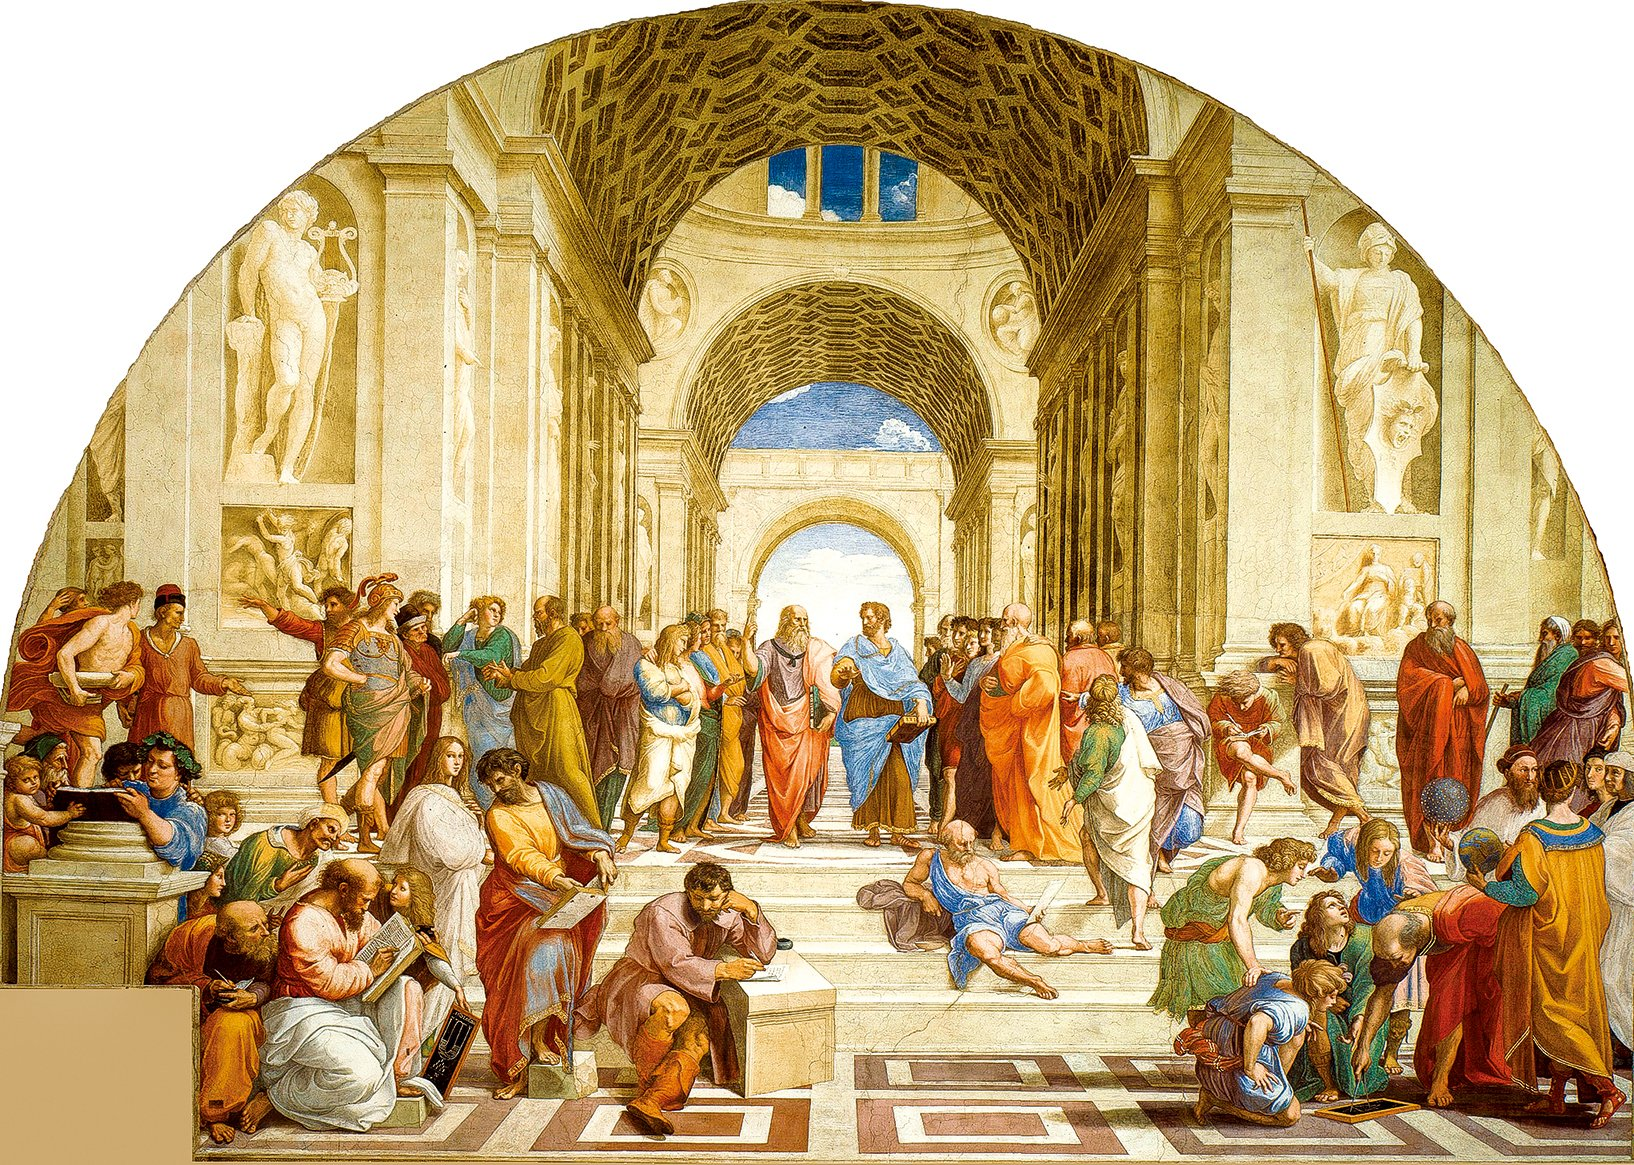 拉斐爾聖齊奧(Raphael,1483~1520)《雅典學院》(The School of Athens),1509年,收藏於梵諦岡宮簽字大廳。(公有領域)